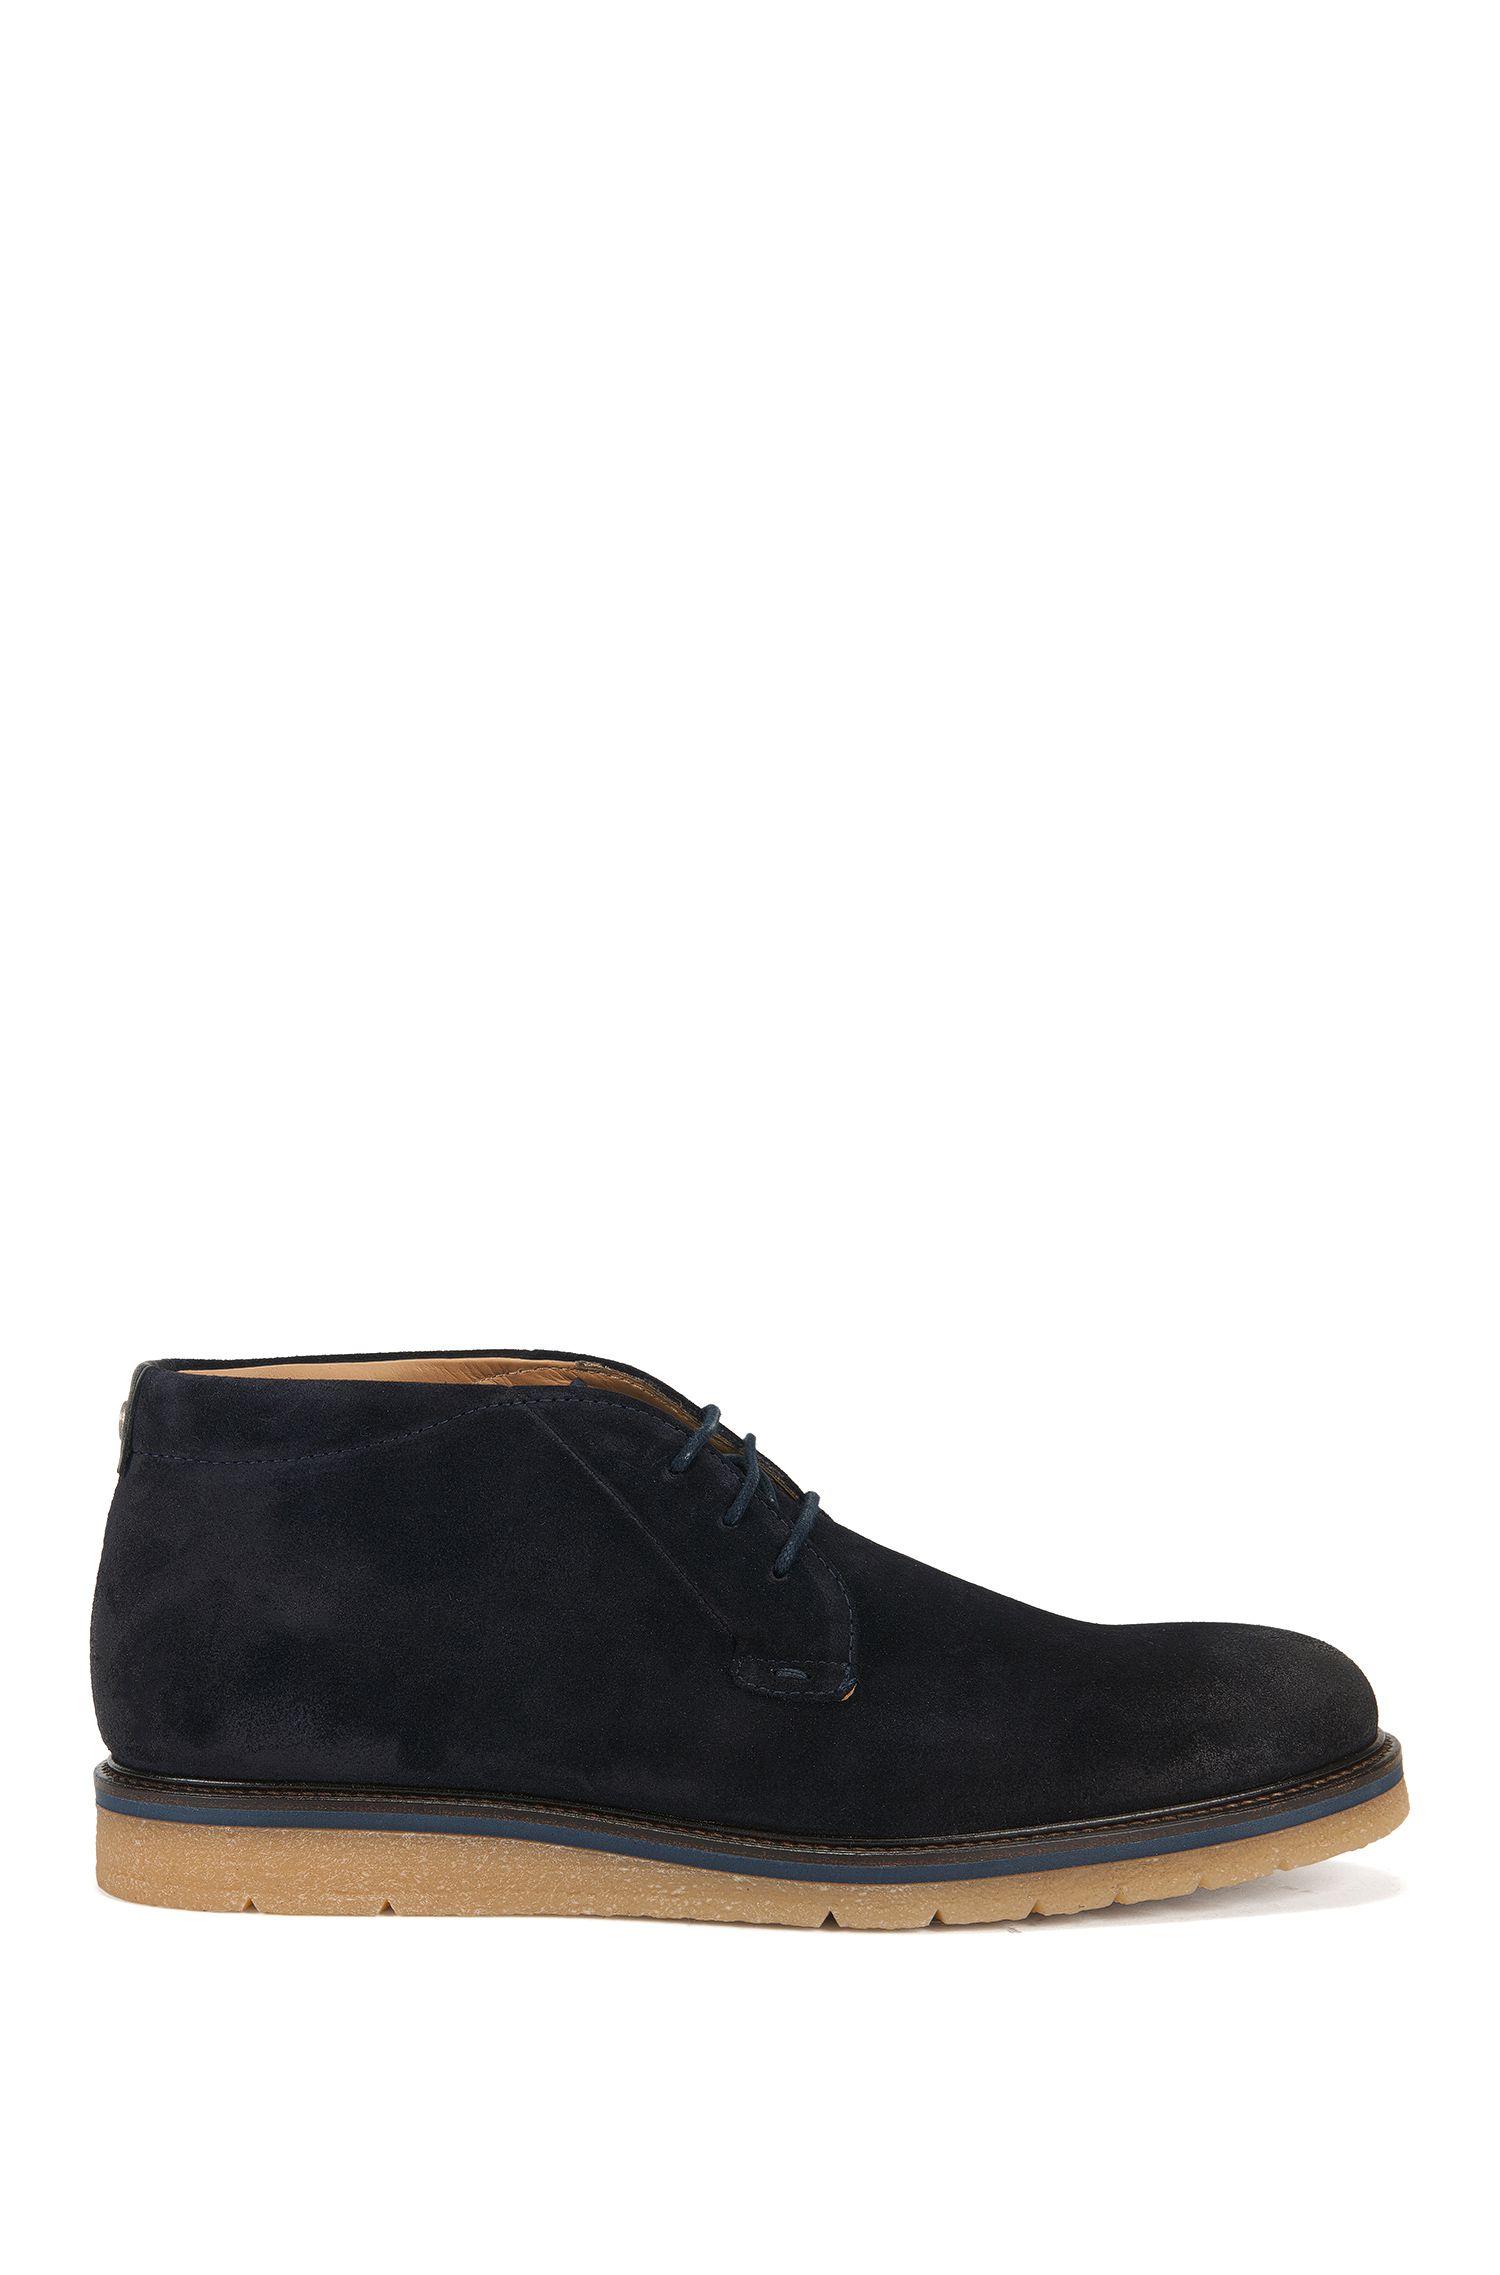 Desert boot in pelle scamosciata lavata